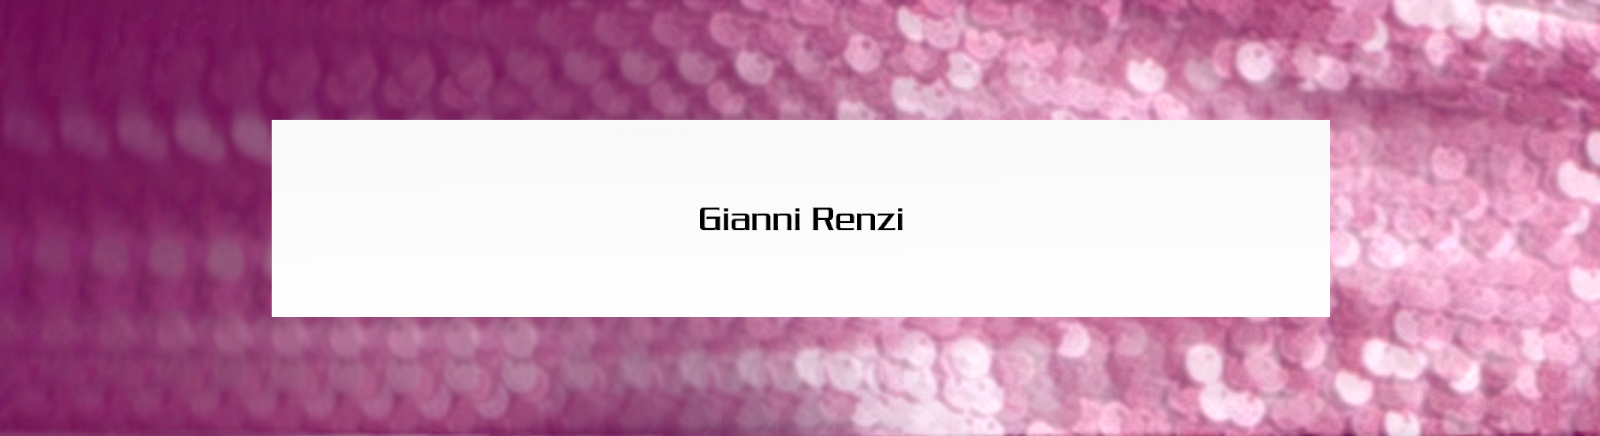 Gianni Renzi Damenschuhe online bestellen im Prange Schuhe Shop